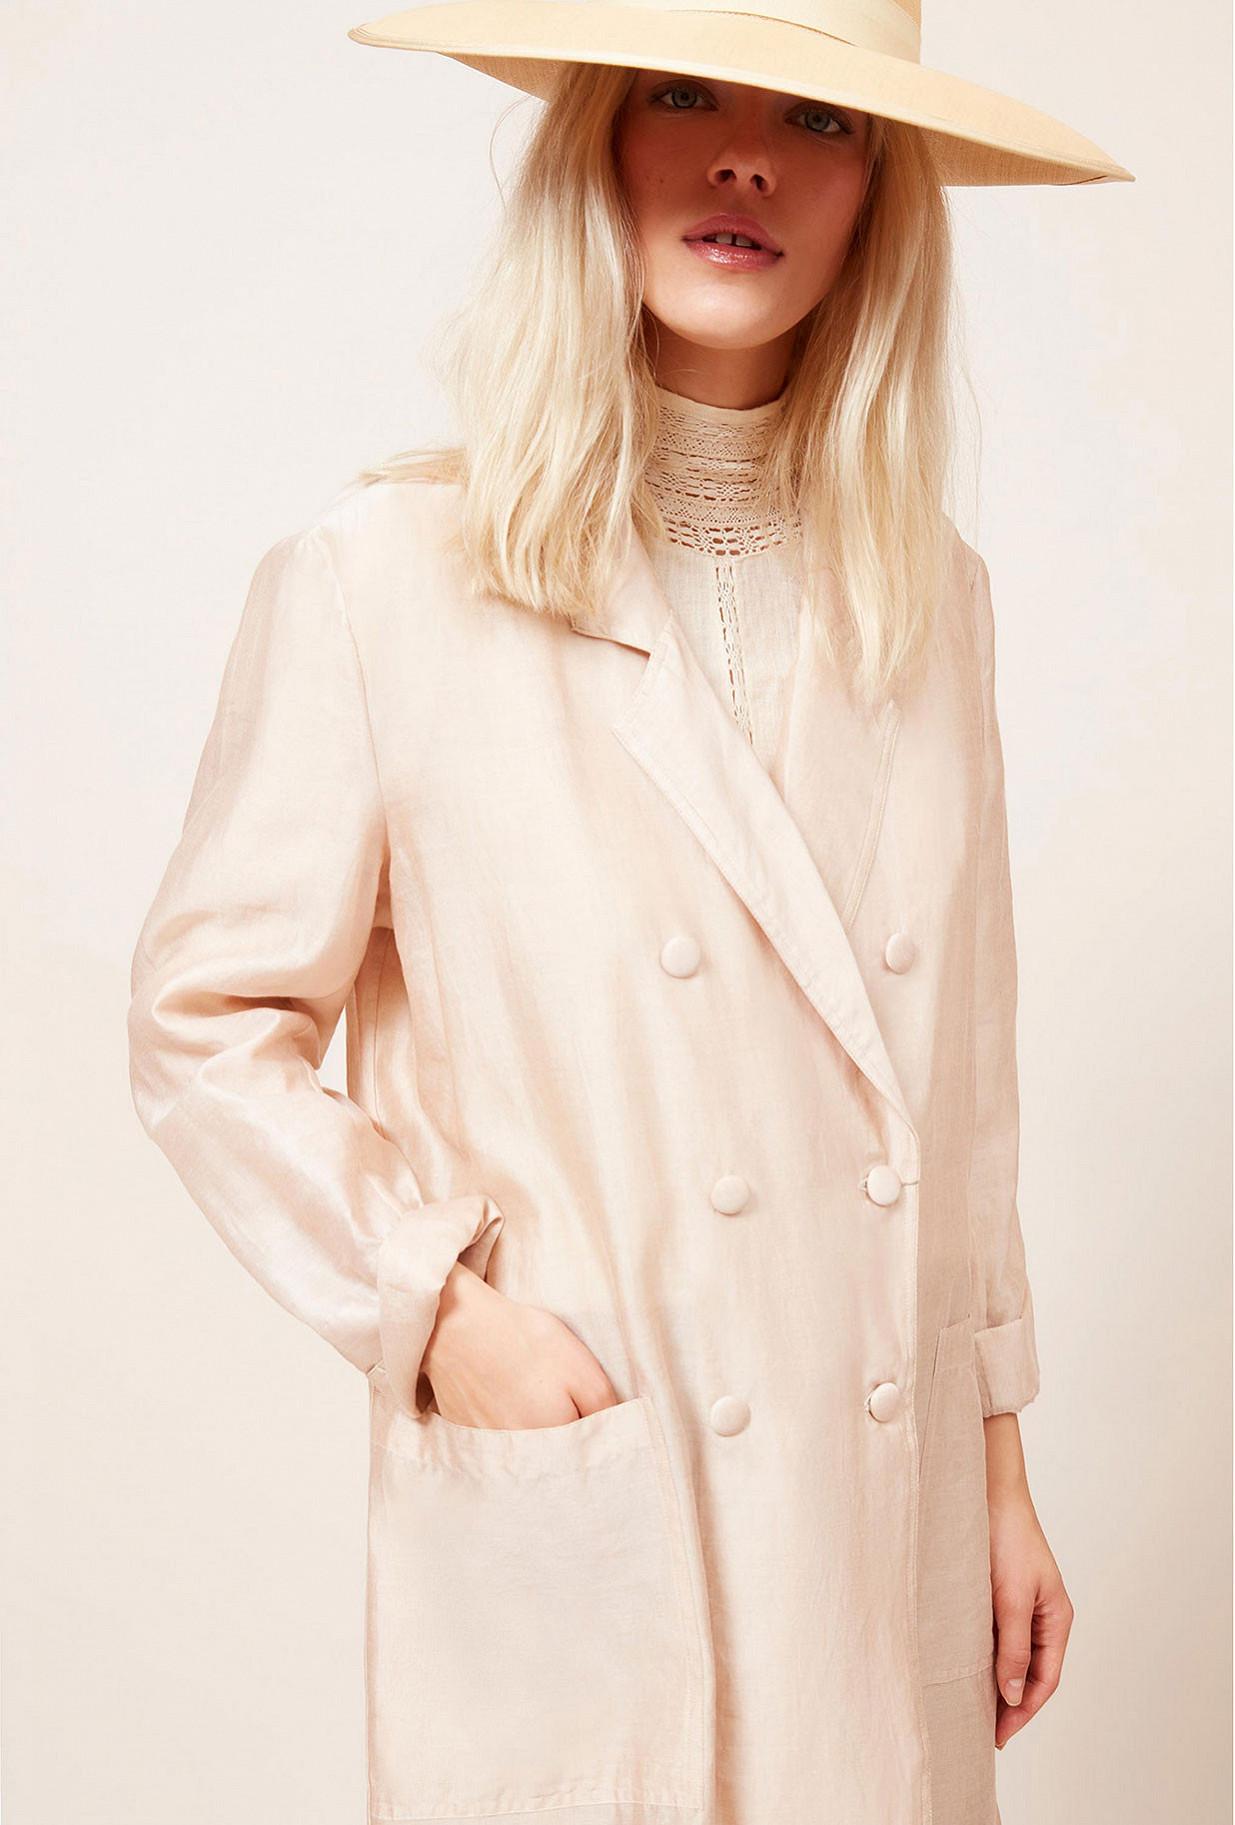 Paris boutique de mode vêtement Manteaux créateur bohème Oxygene